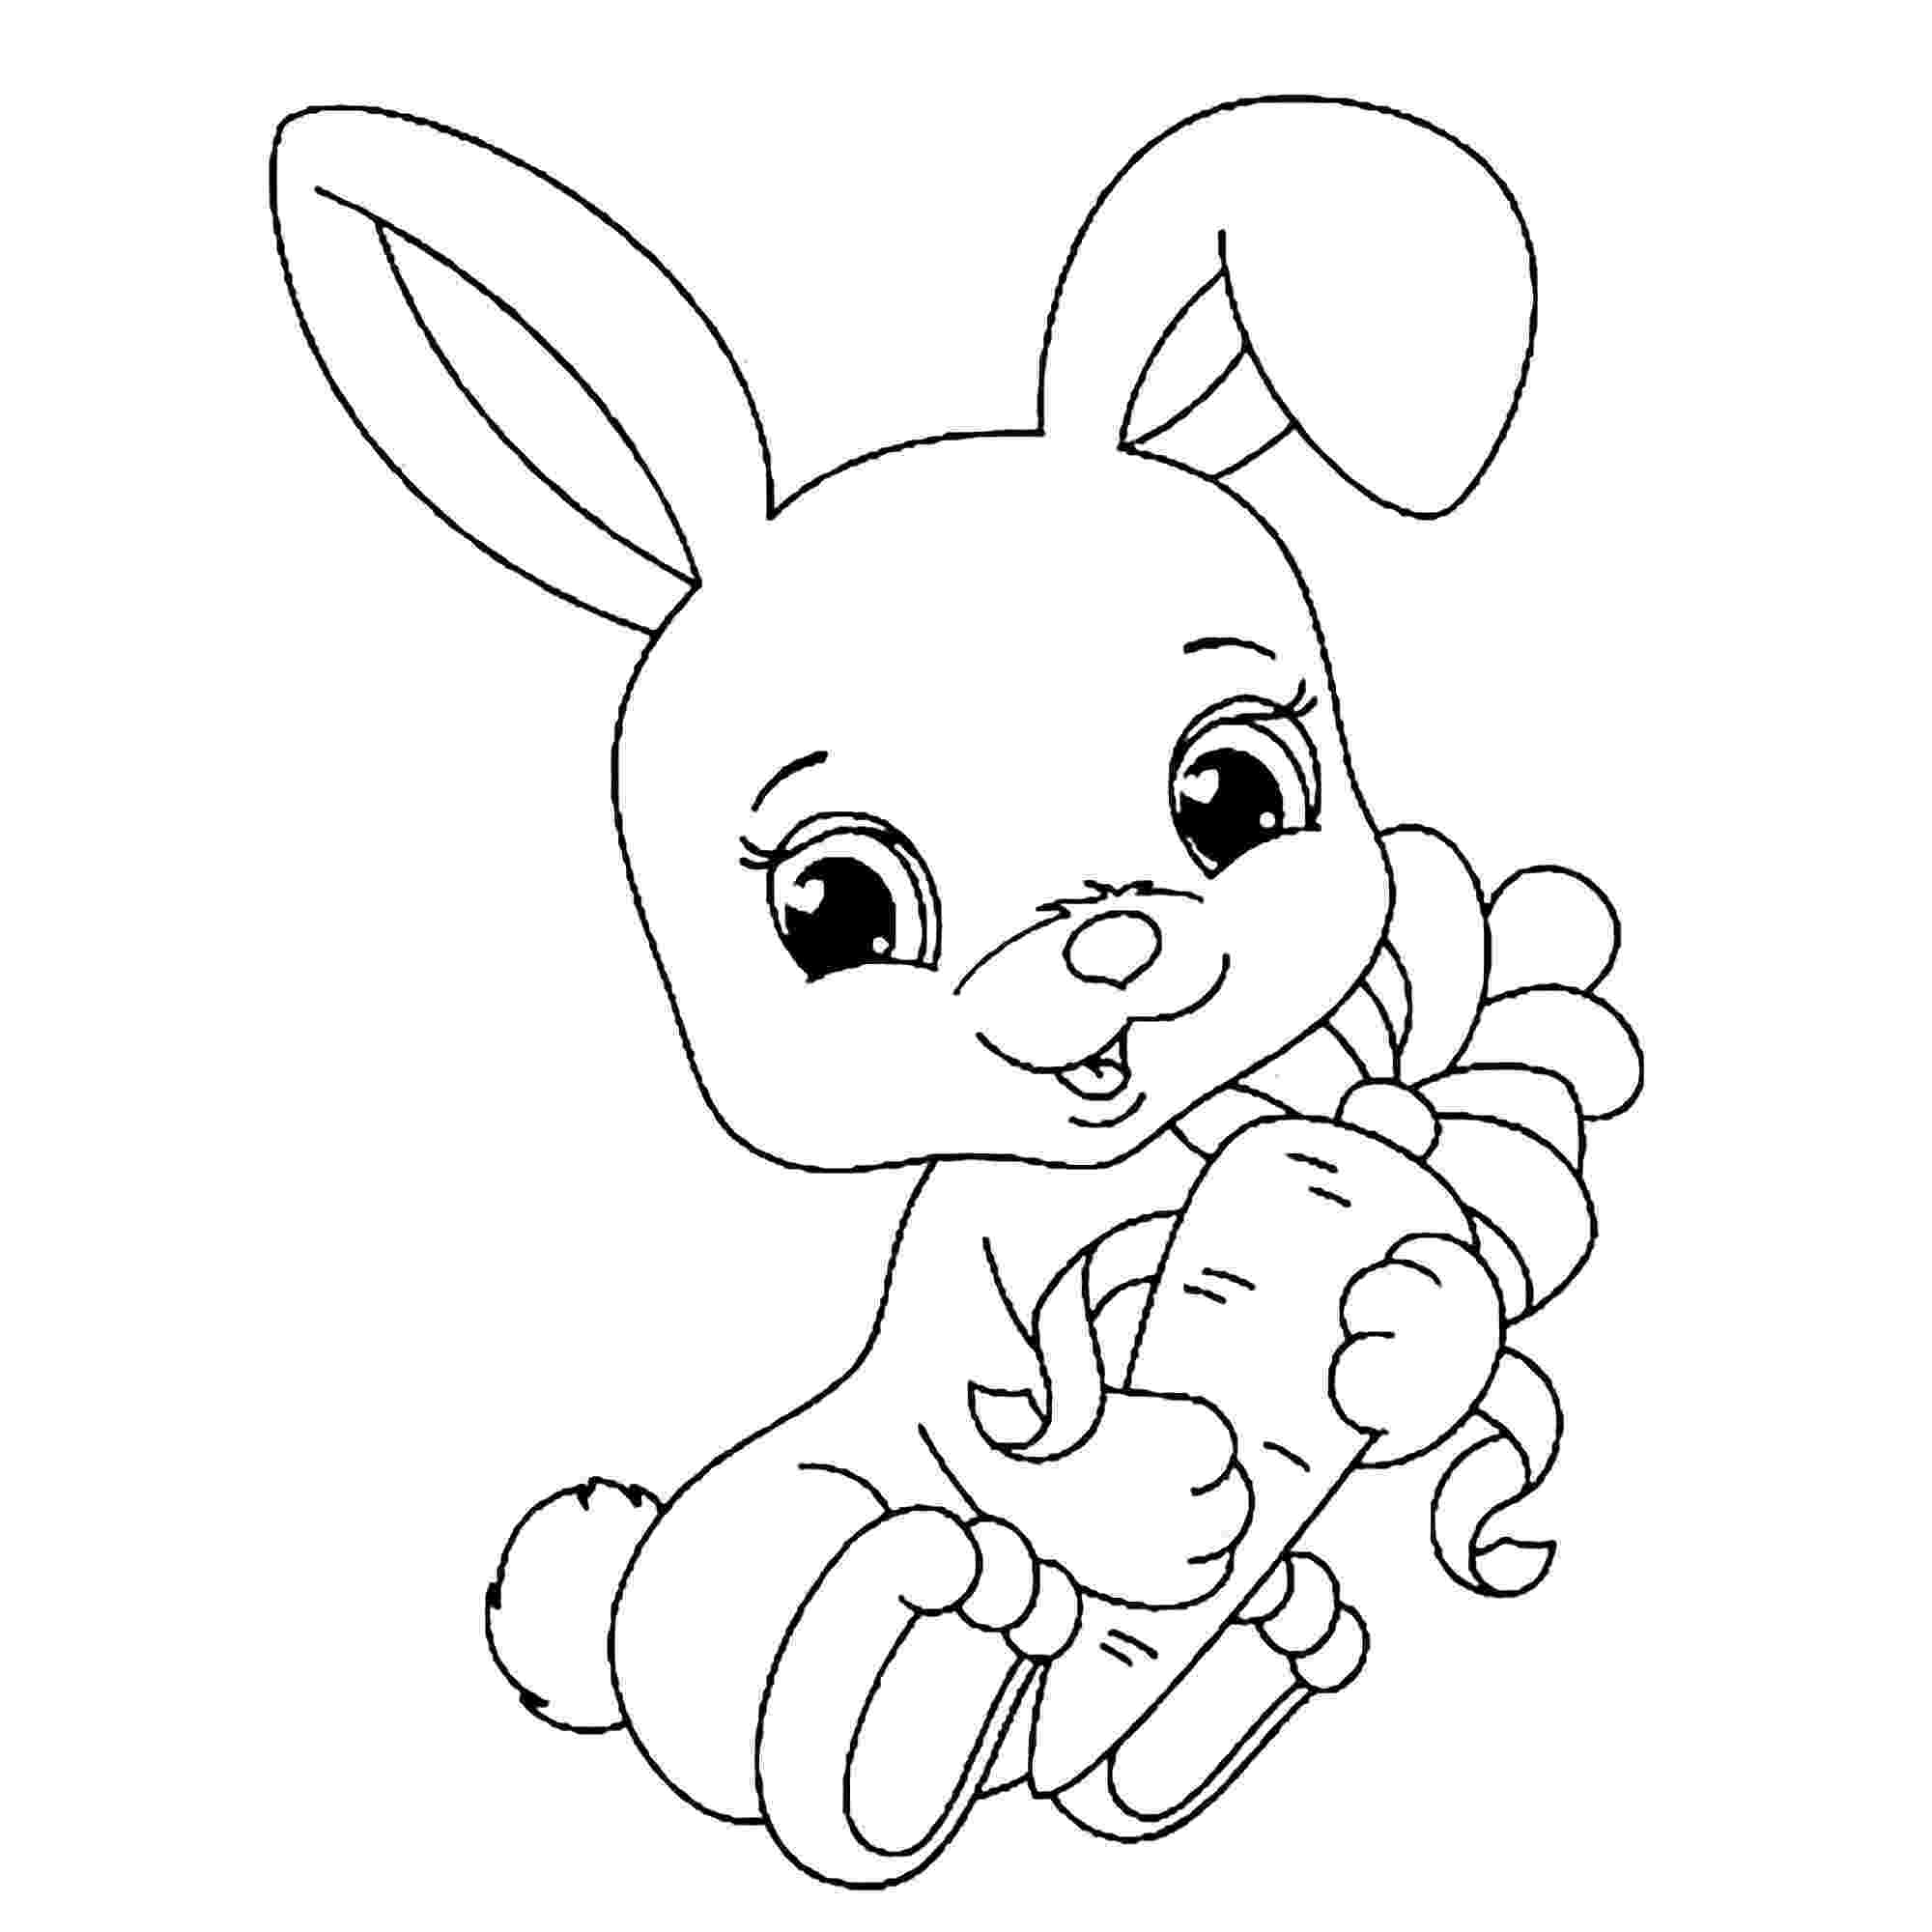 bunny coloring page cute baby bunnies coloring pages getcoloringpagescom page bunny coloring